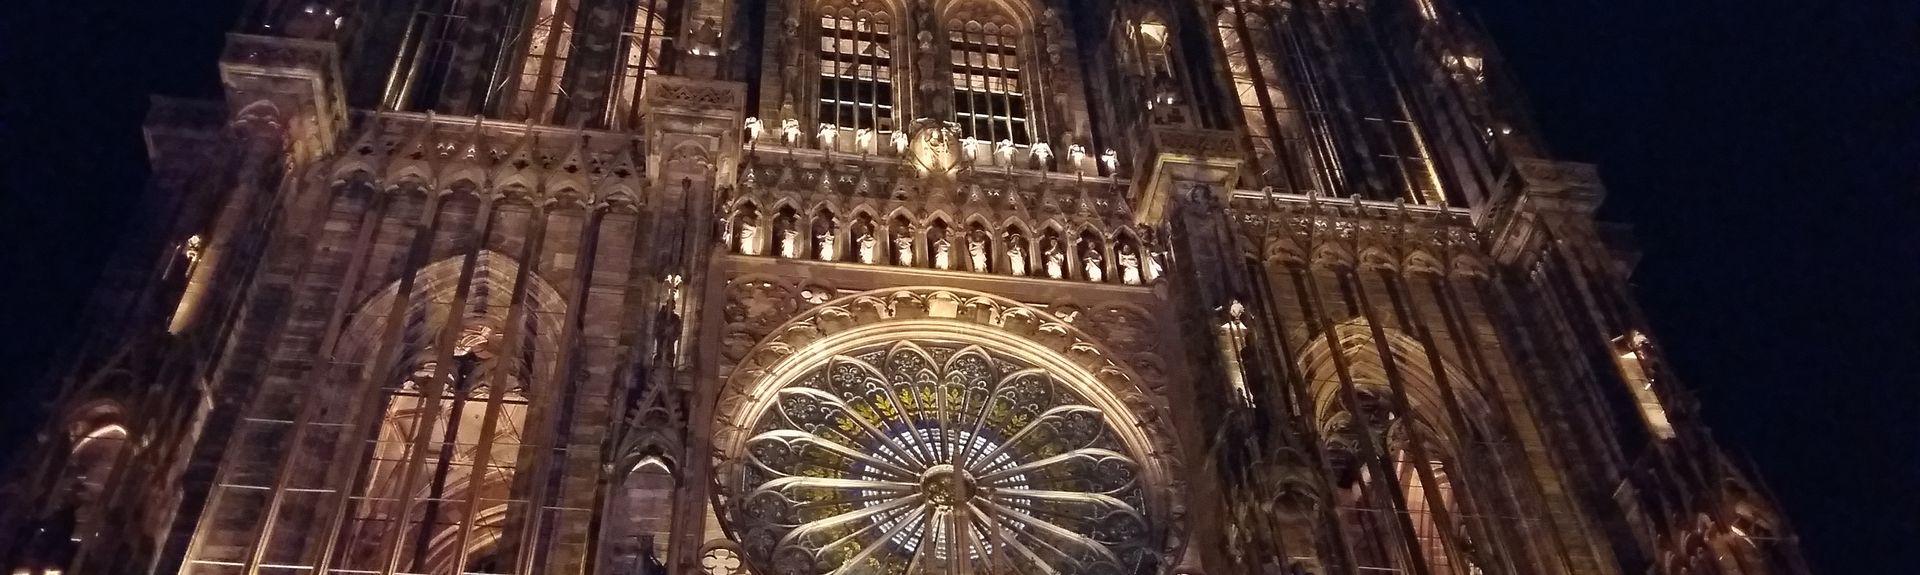 Quartier de la Cathédrale, Strasbourg, Bas-Rhin (département), France